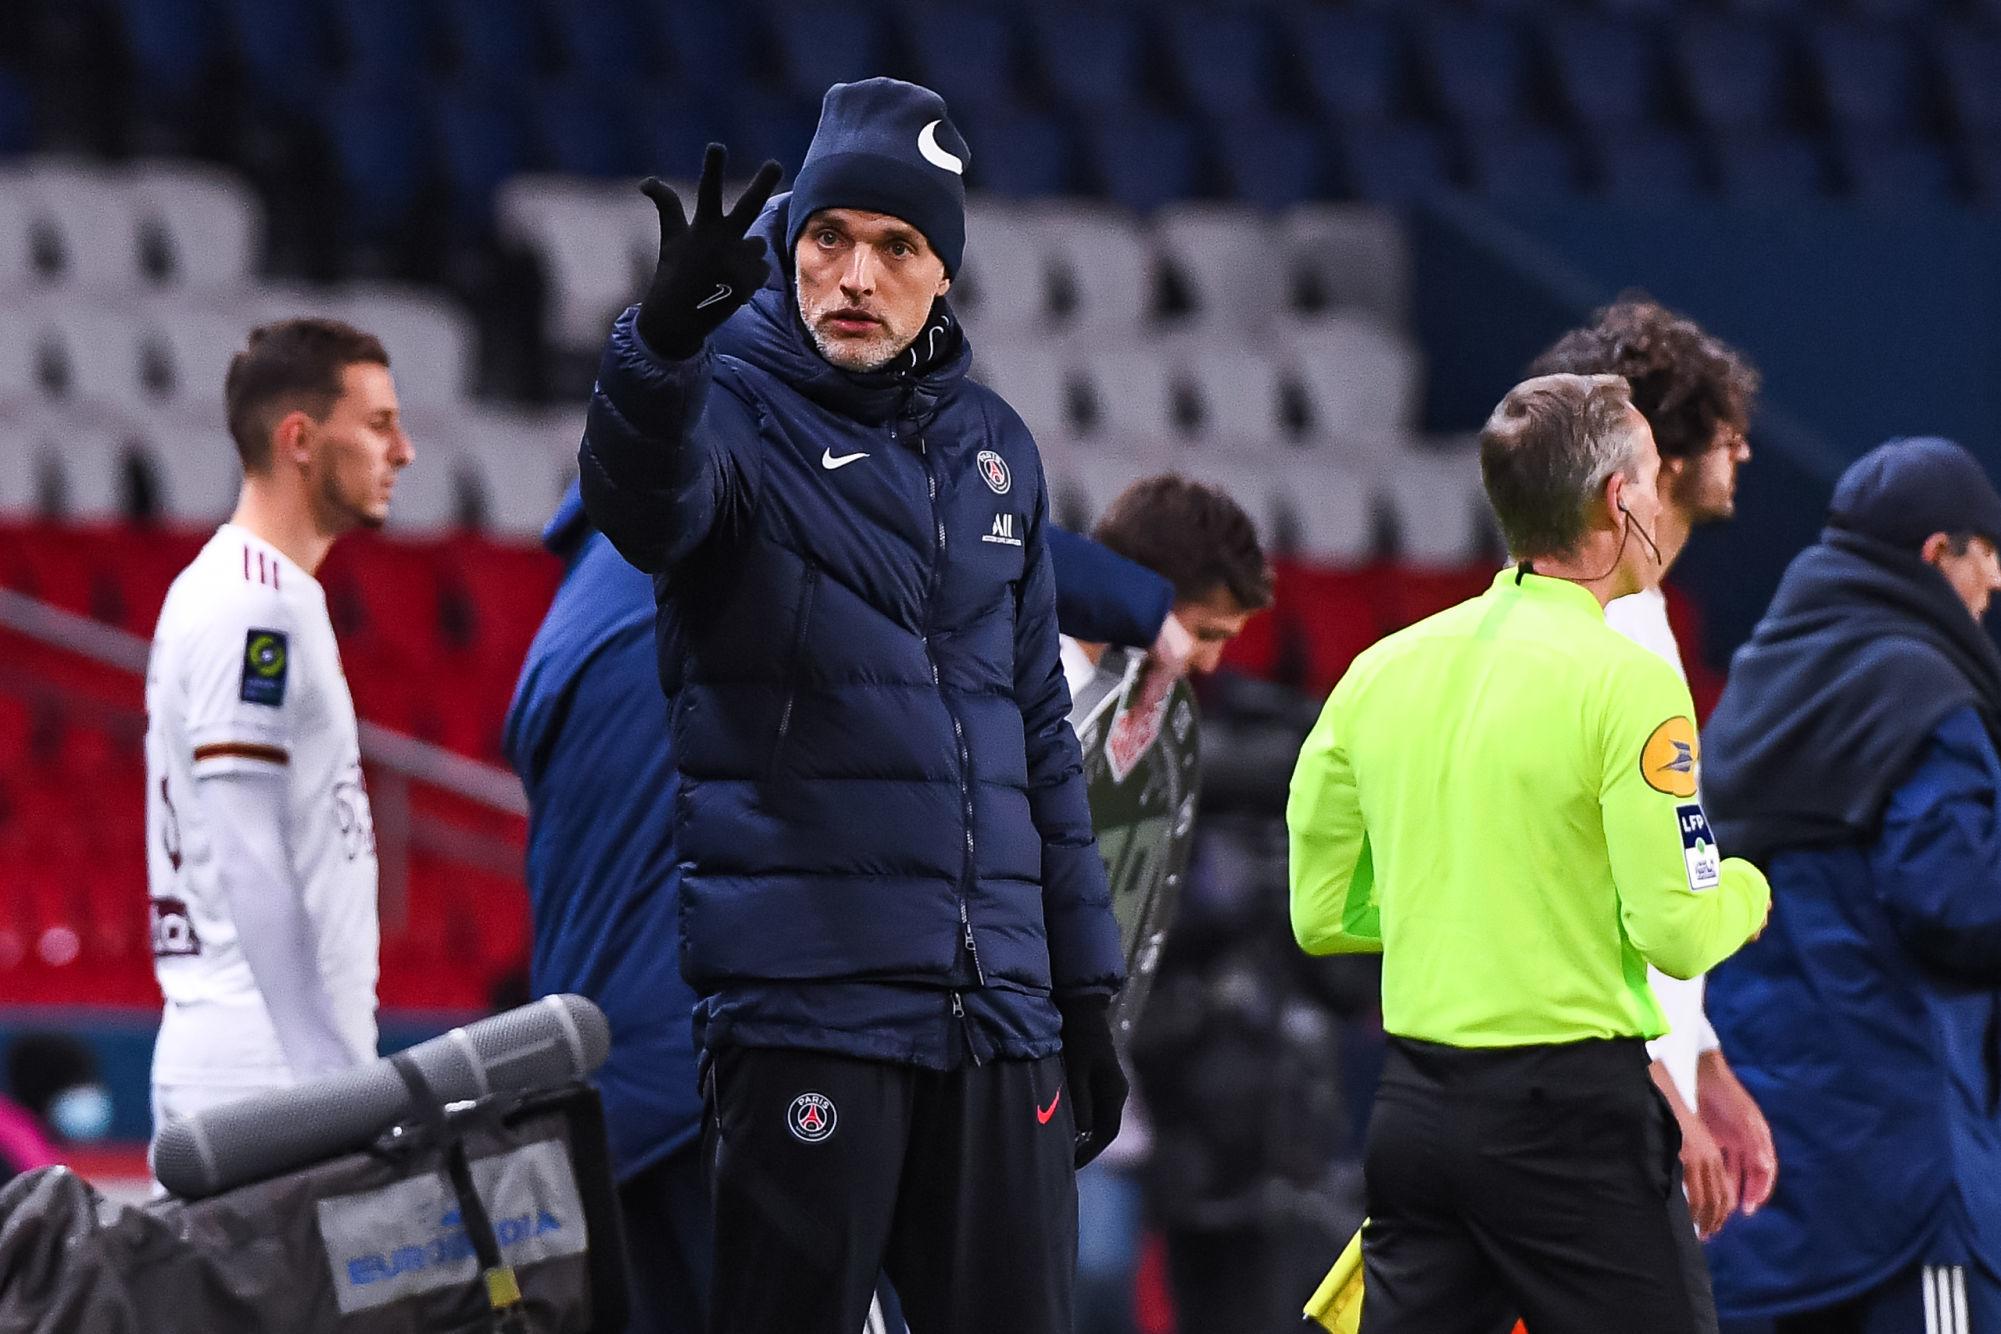 Tuchel au PSG «est un échec» dans le «style de jeu mis en place», selon Rothen